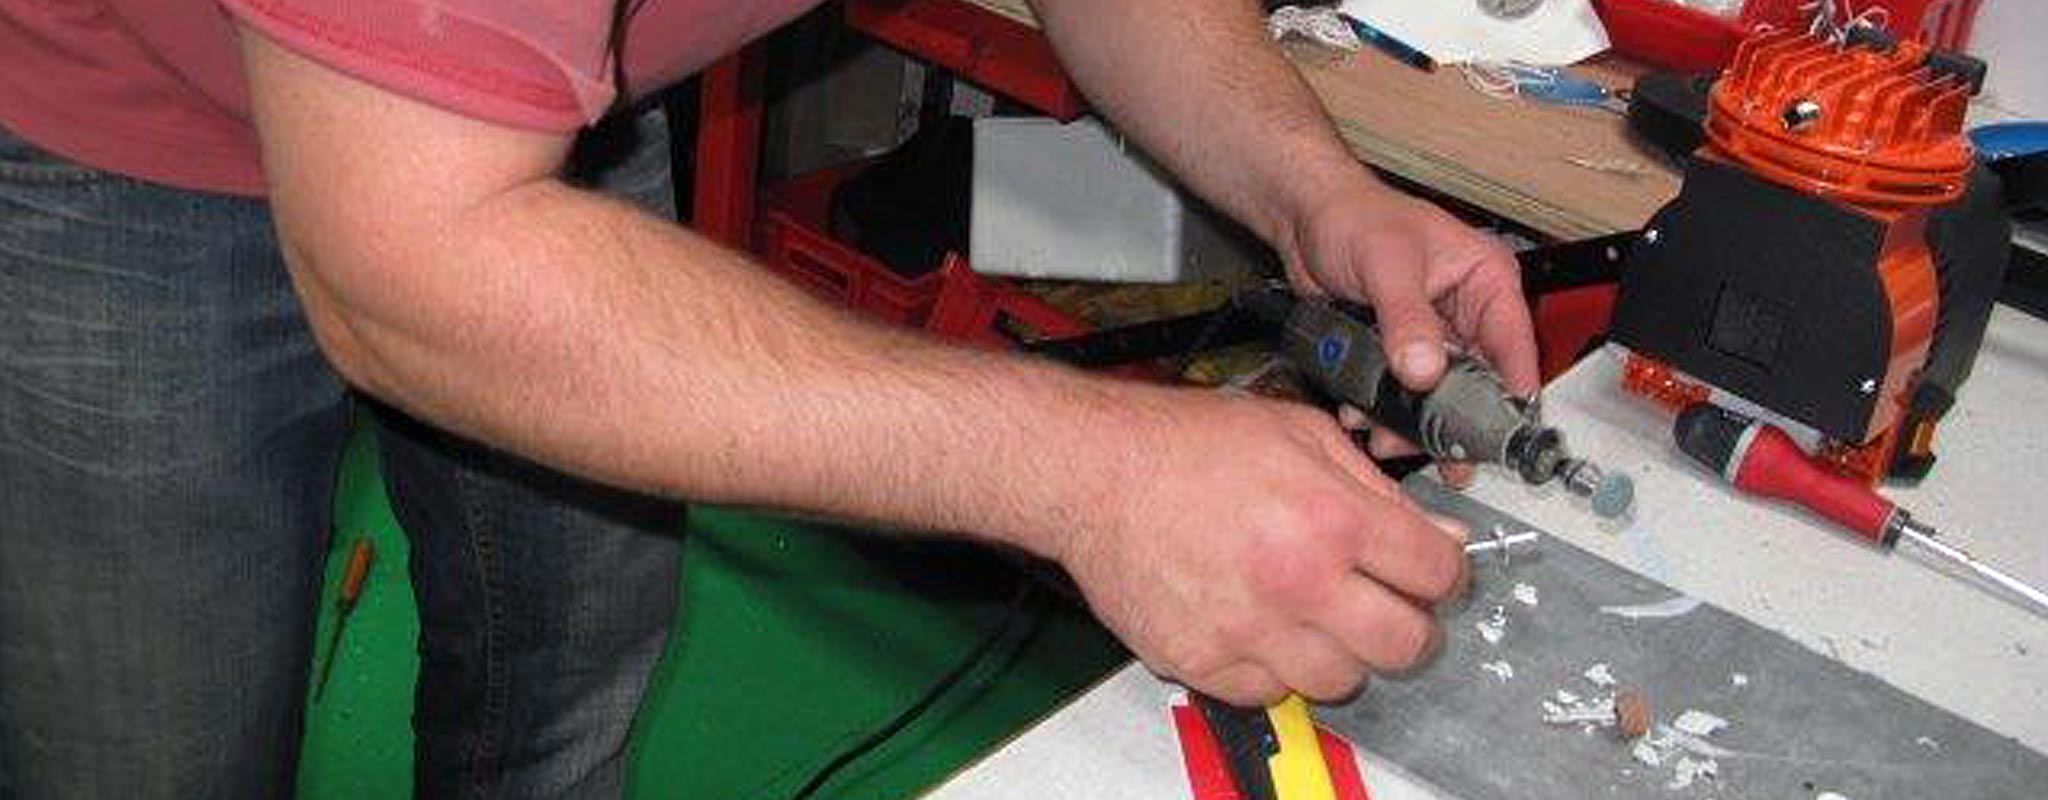 Réparation, remplacement de turbines et de LED de vos gonflables